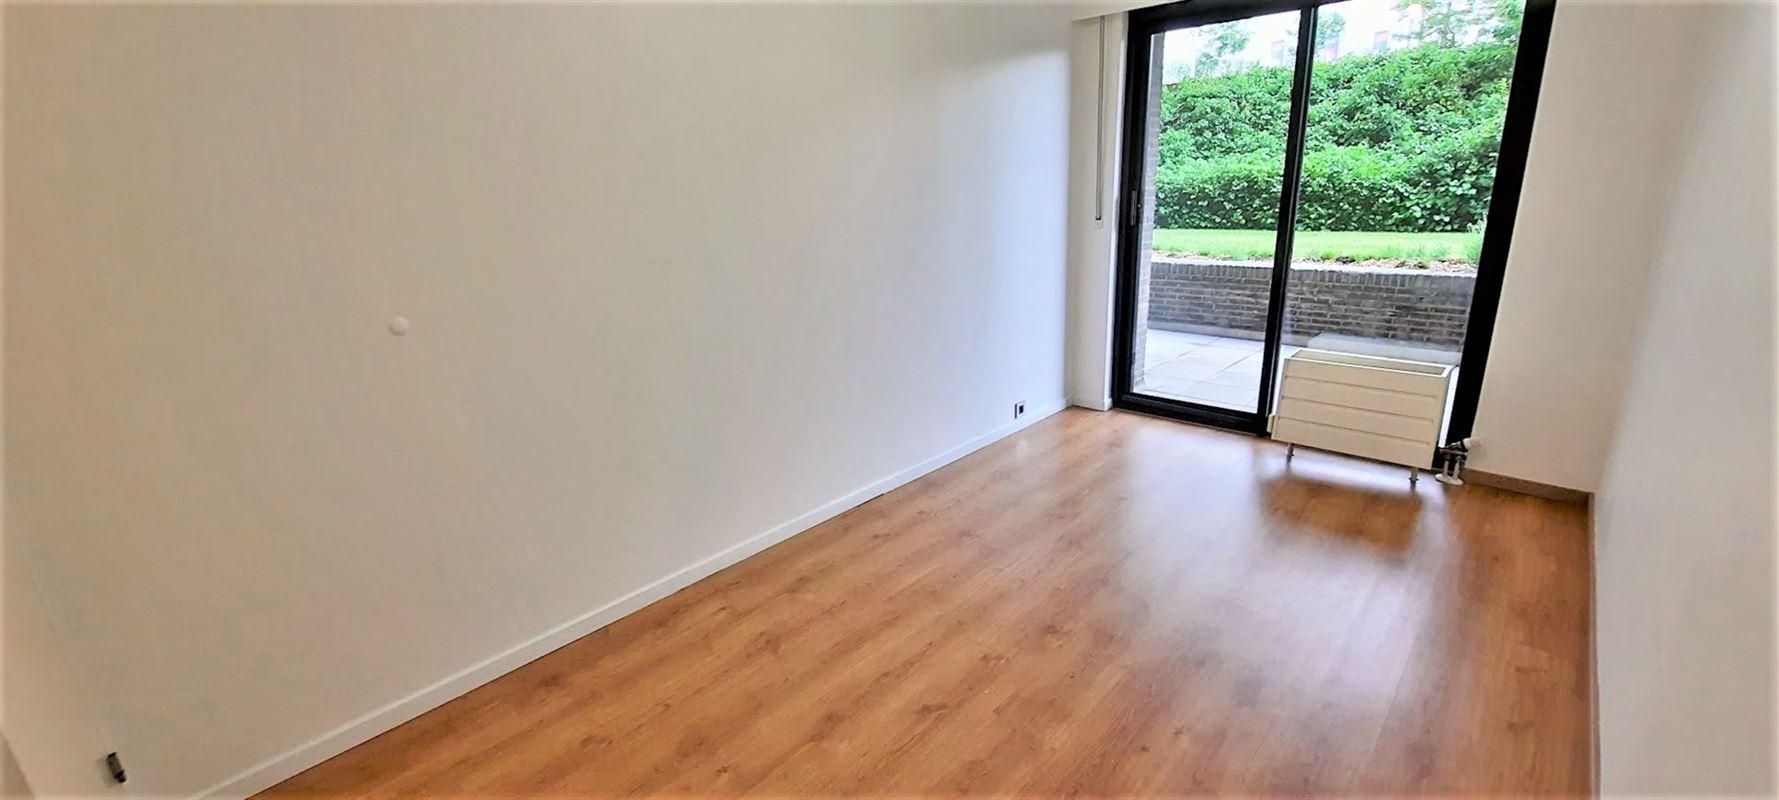 Foto 7 : Appartement te 2800 MECHELEN (België) - Prijs € 775